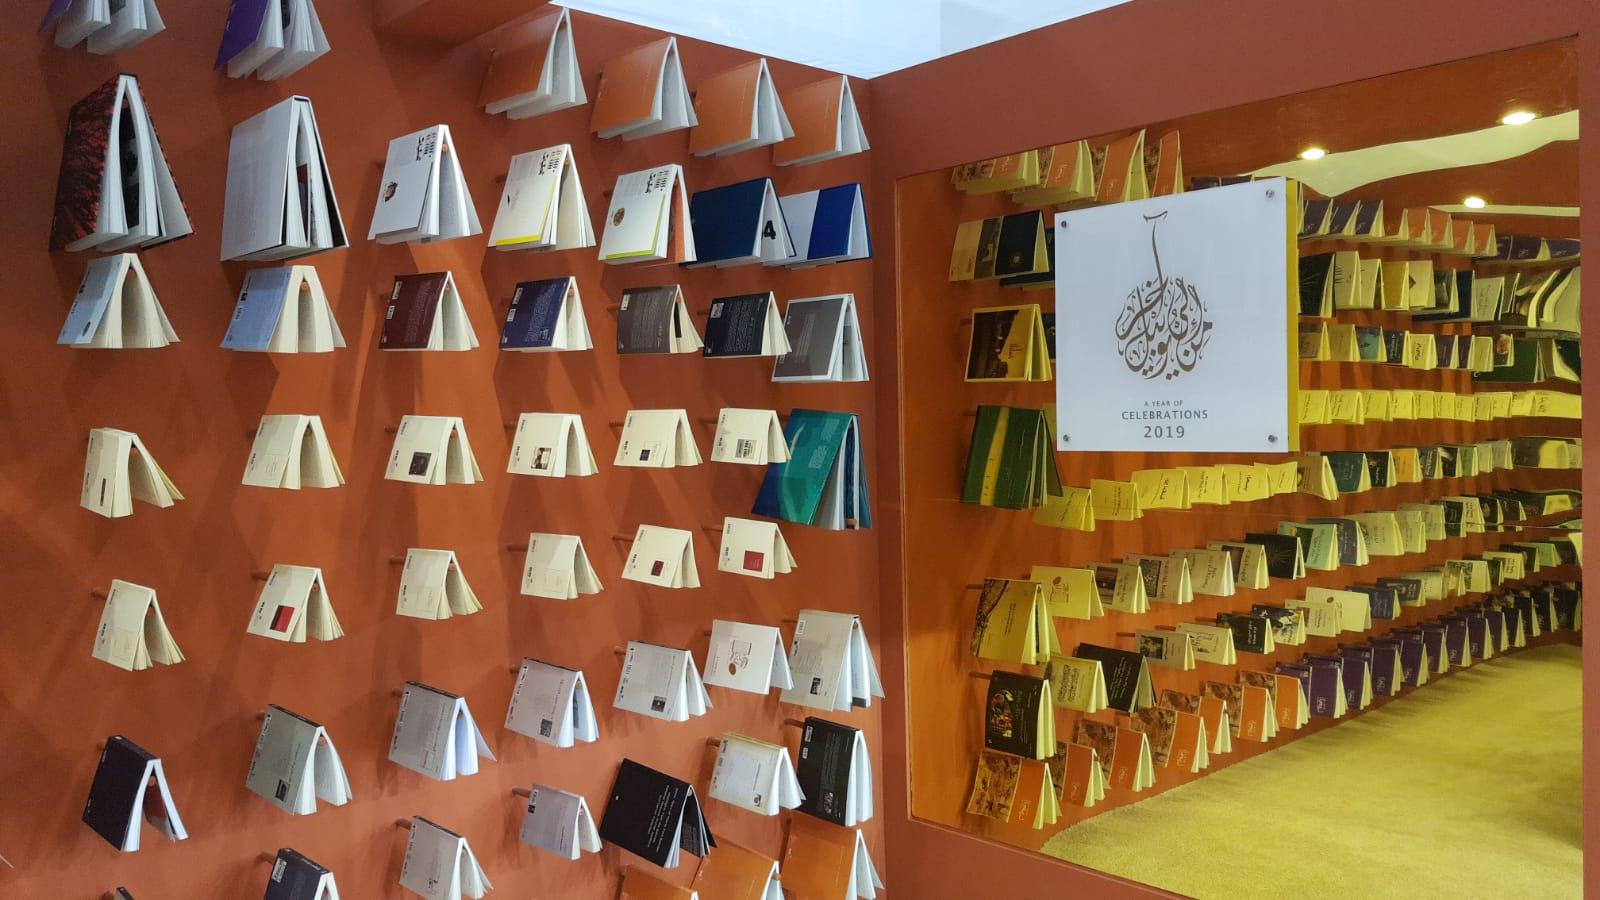 جناح هيئة البحرين للثقافة والآثار فى معرض القاهرة الدولى للكتاب 2019 (2)